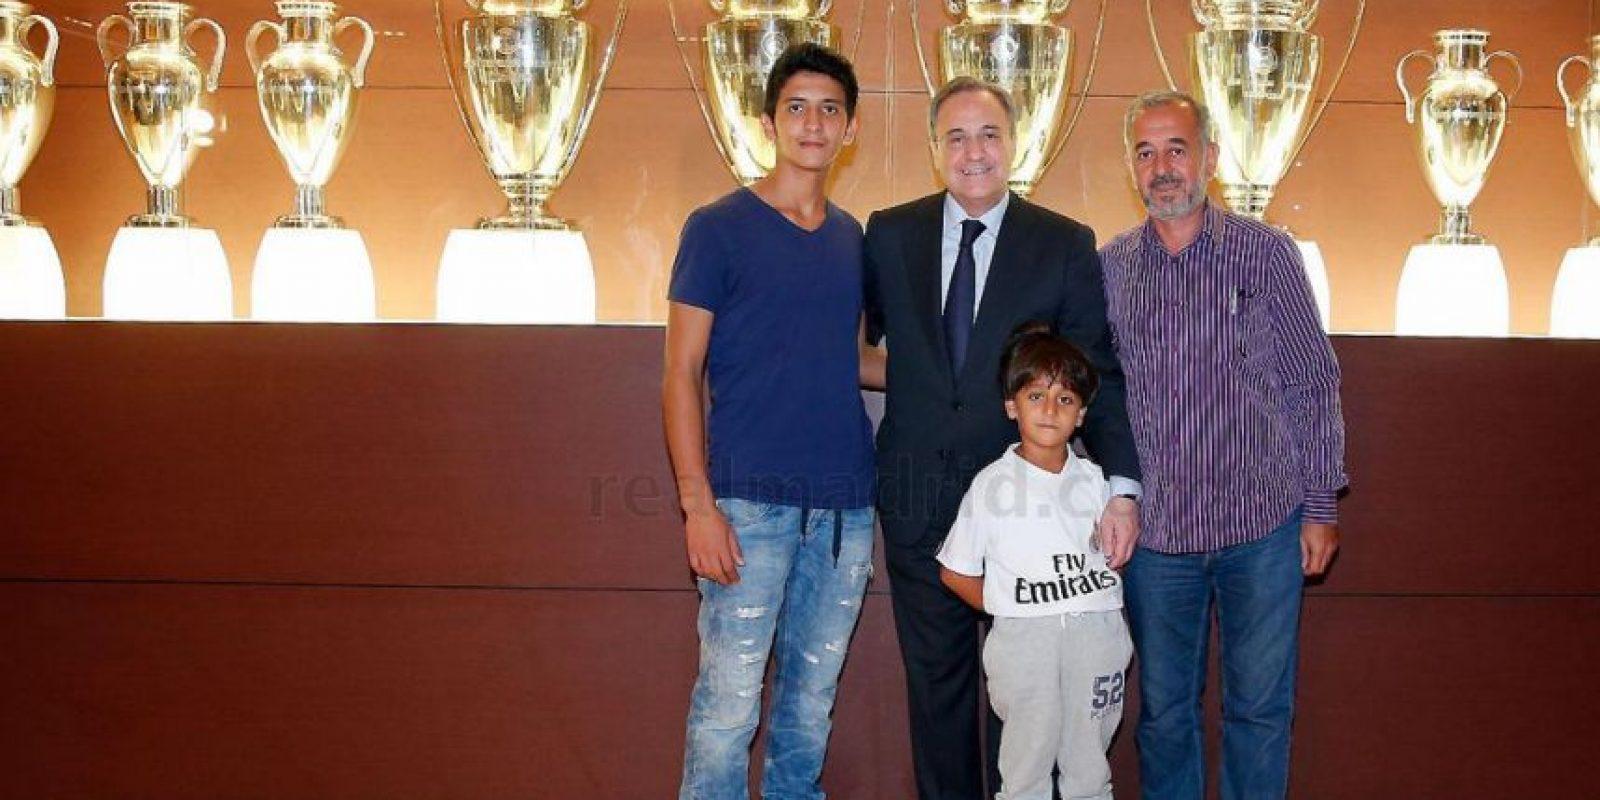 La plantilla y la directiva del club recibió en su sede Osama Abdul Mohsen. Foto:realmadrid.com